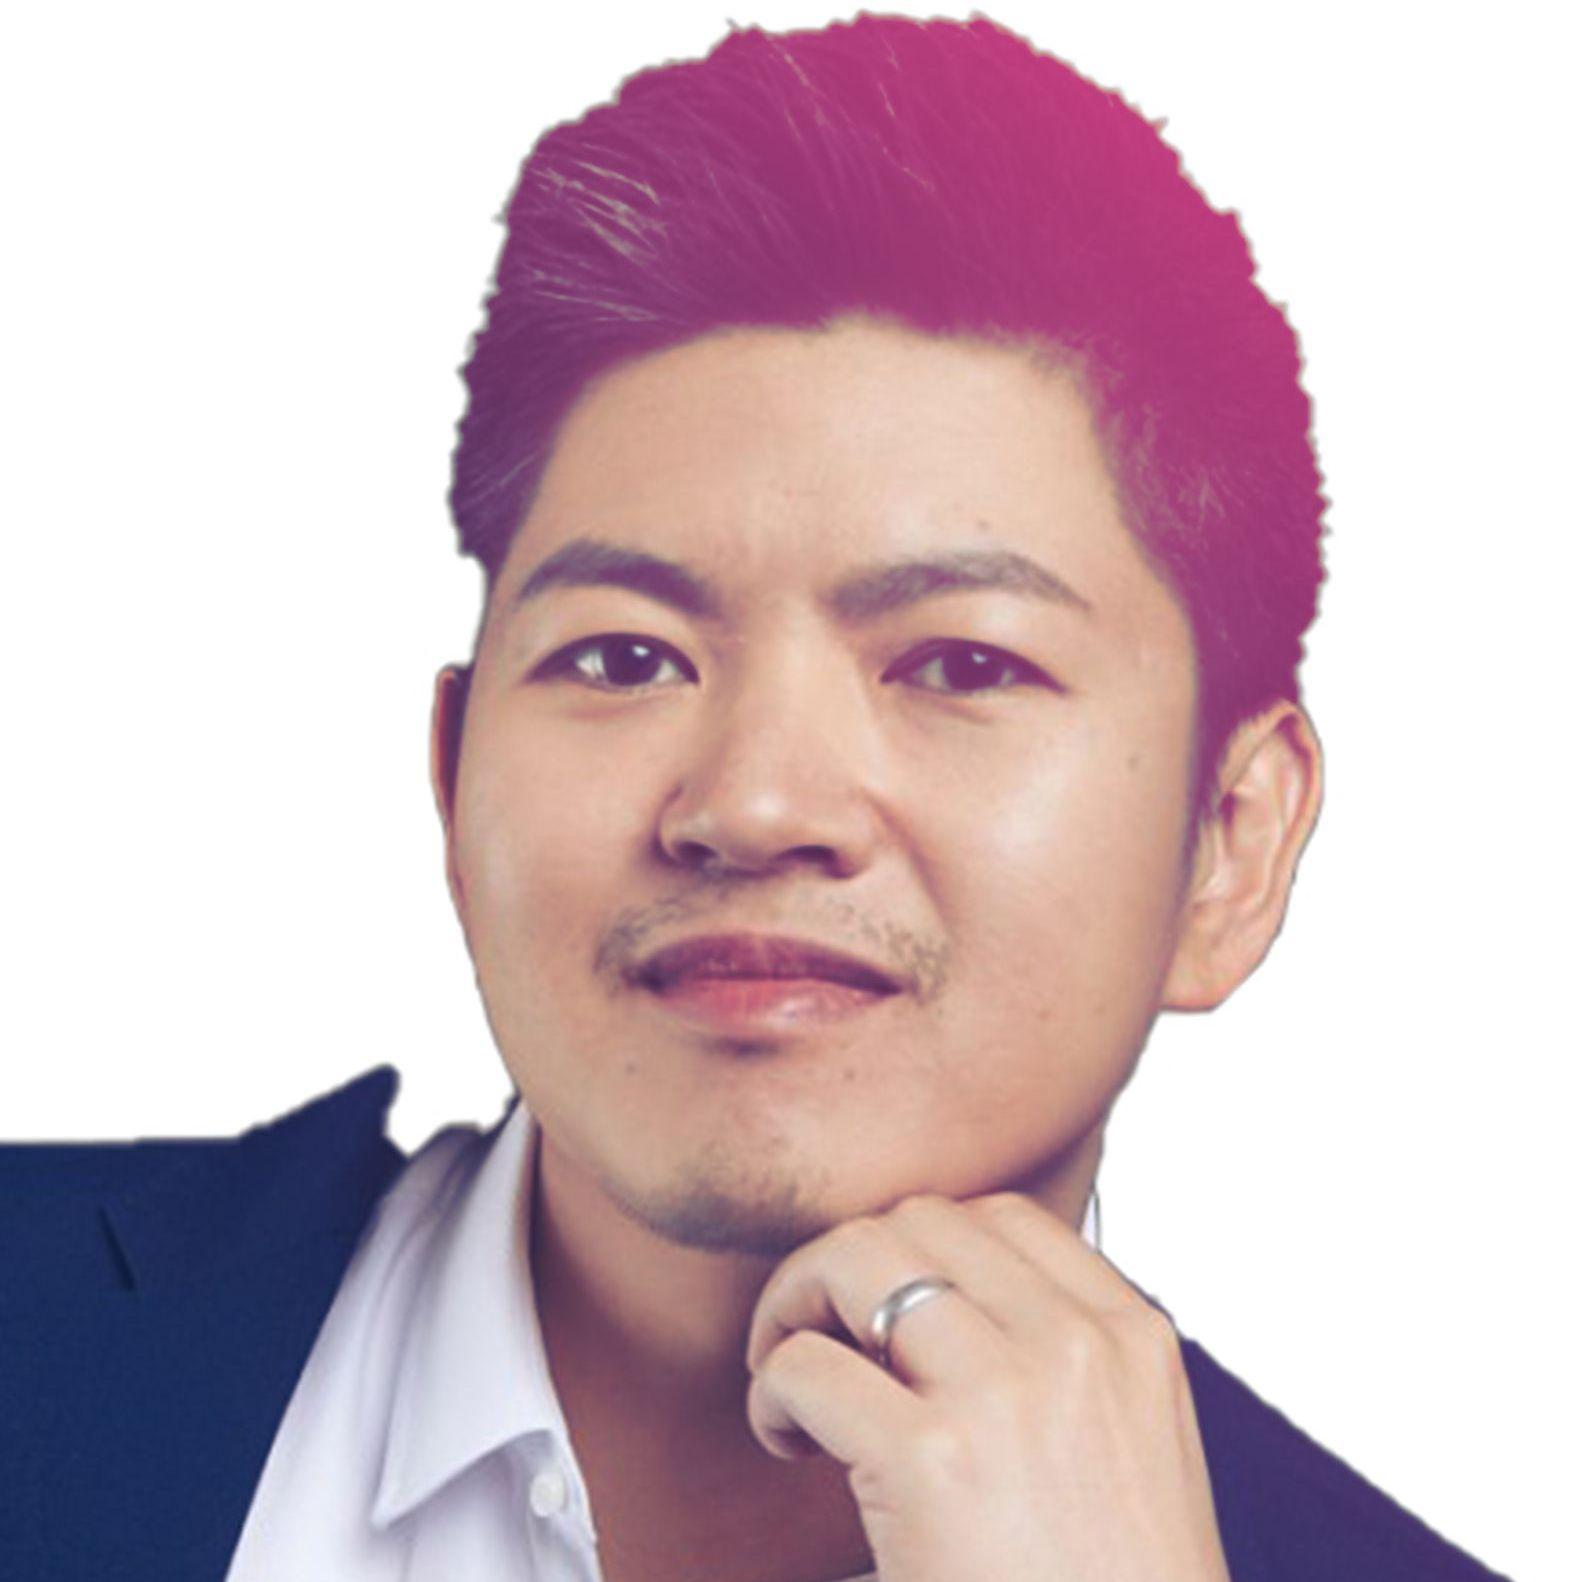 Mike Zhu